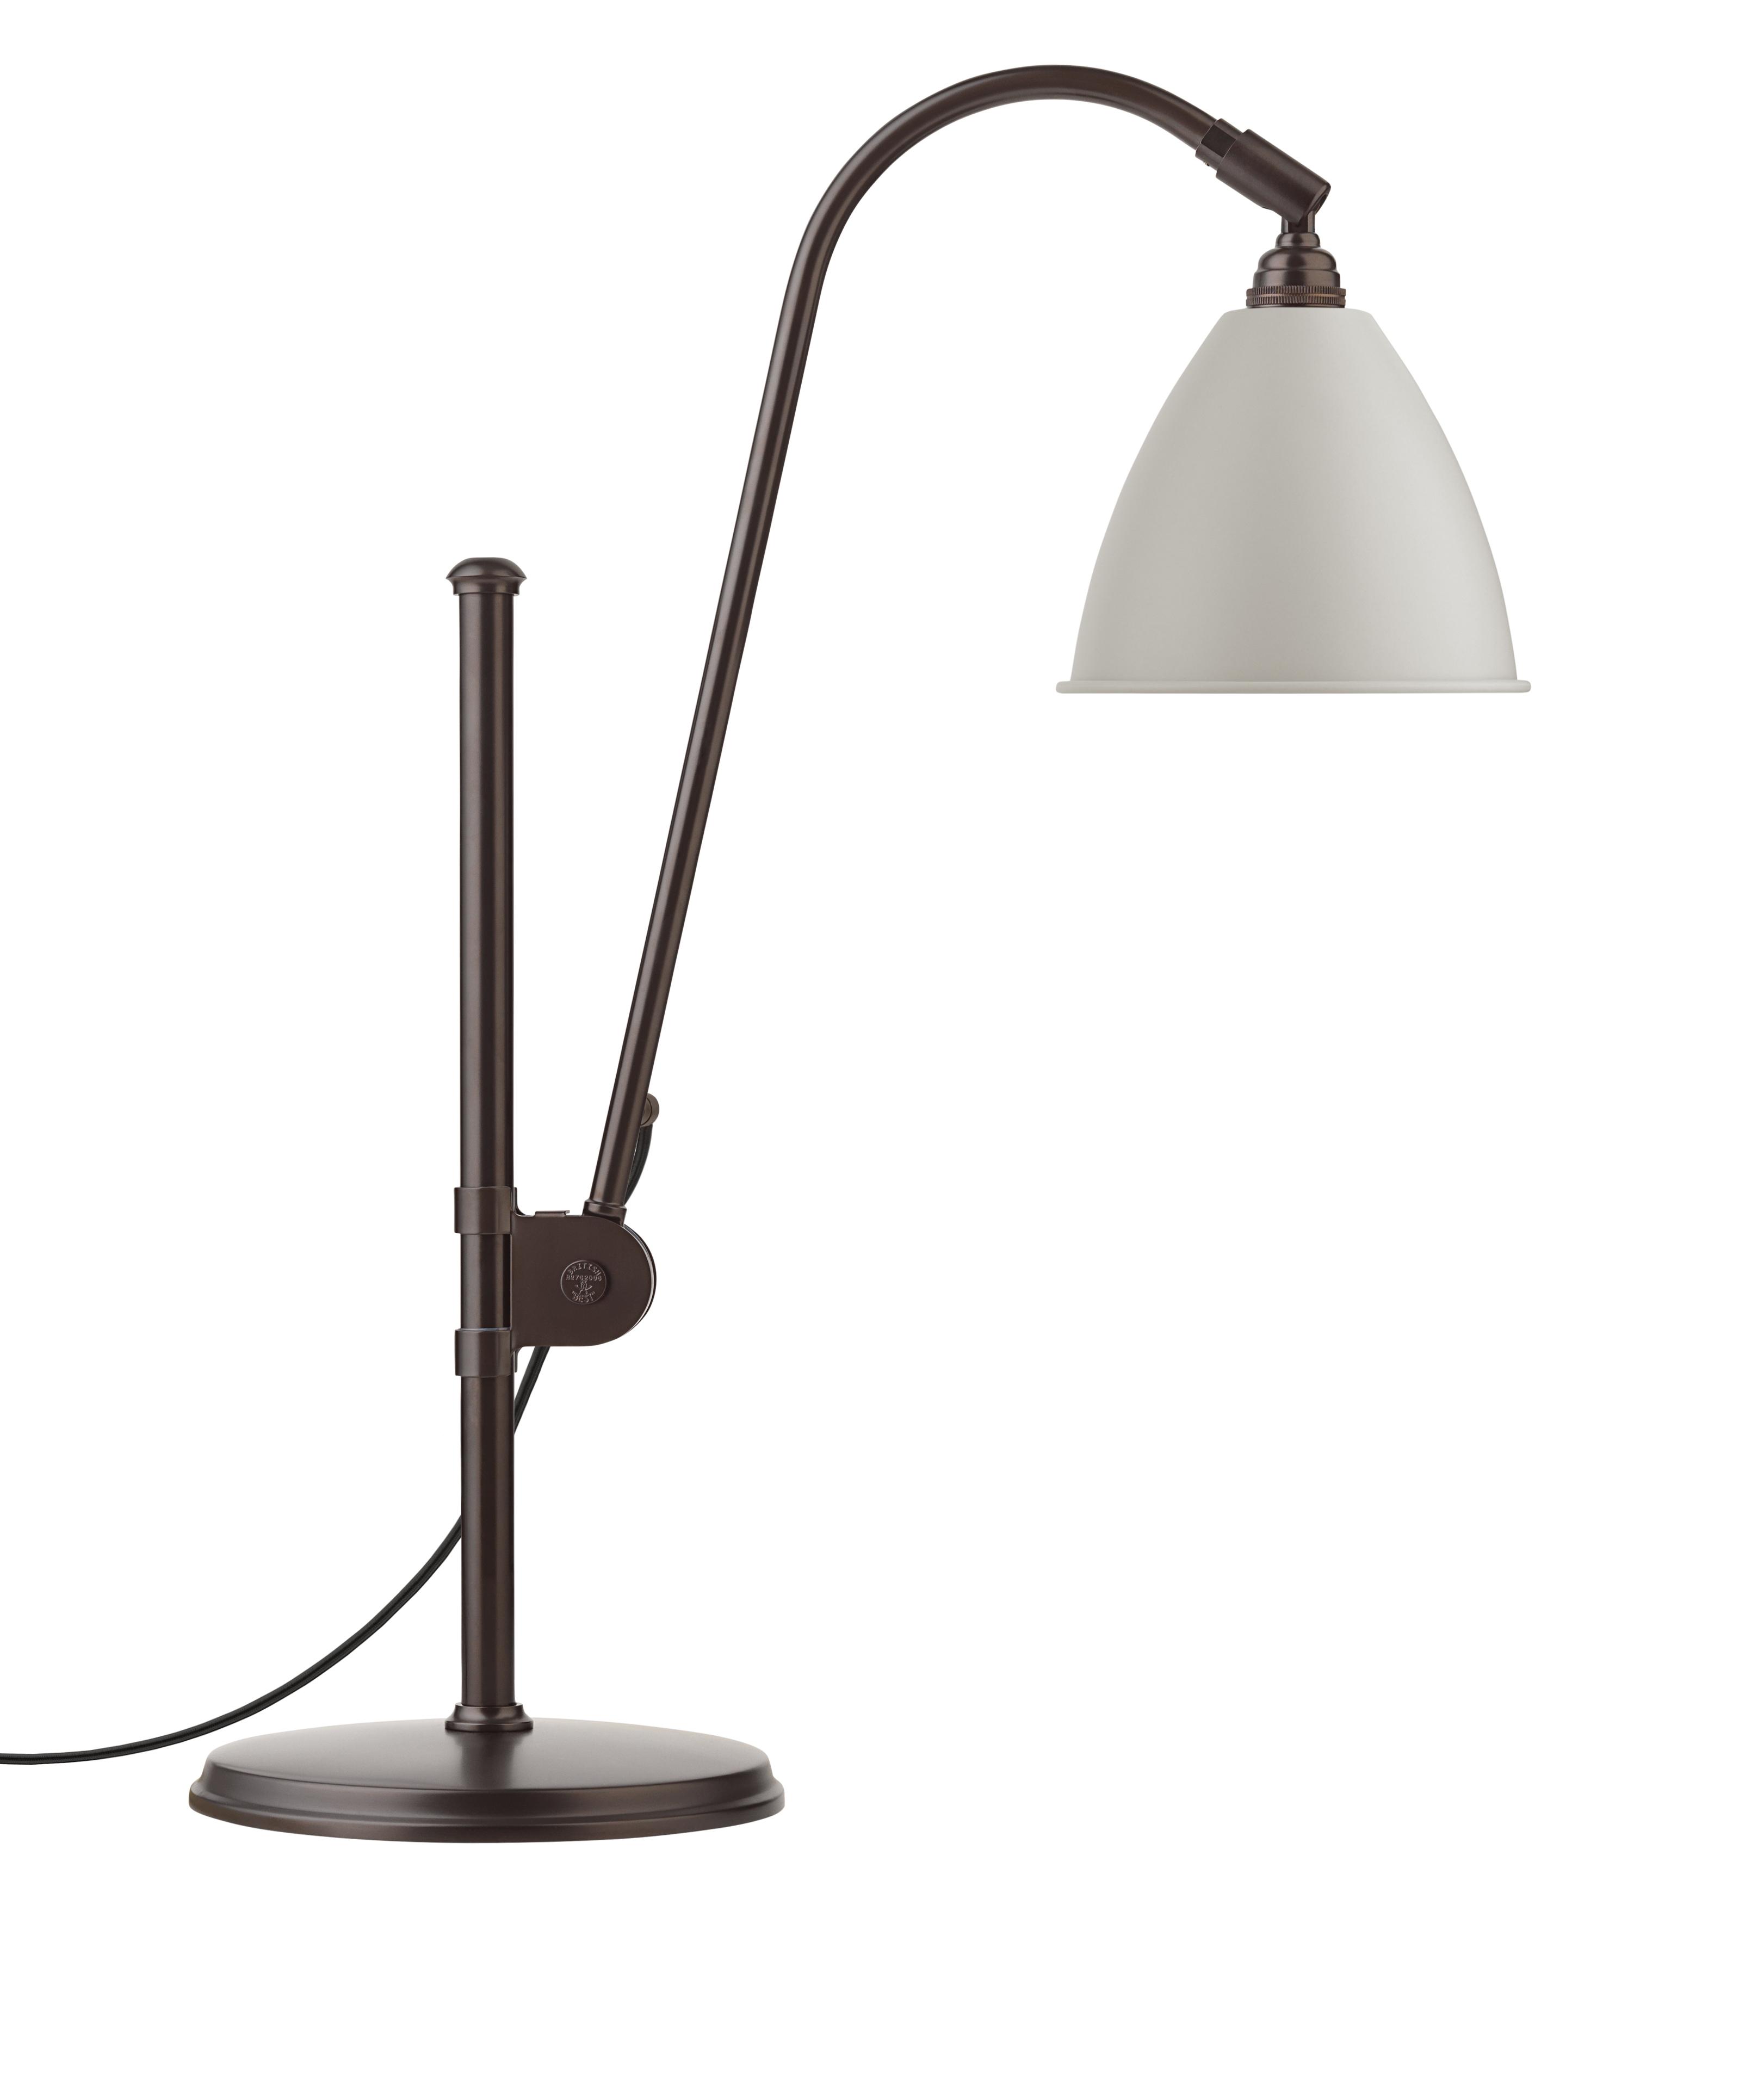 Billede af BL1 Bordlampe Hvid/Sort Messing - Bestlite